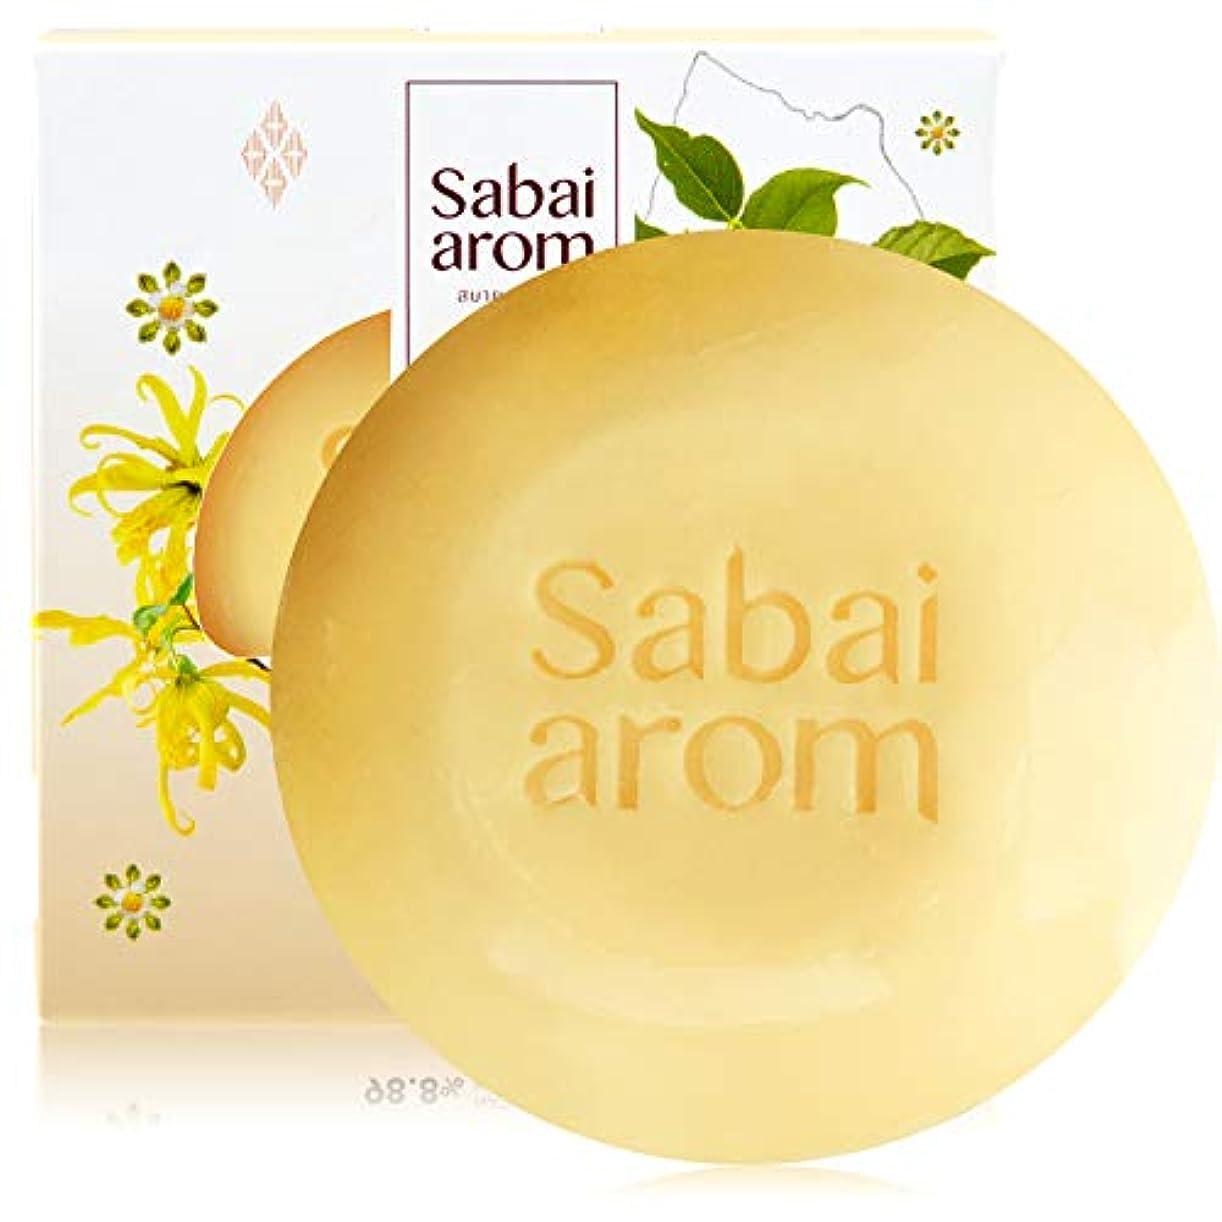 余裕がある胸スクワイアサバイアロム(Sabai-arom) ロイヤル サイアミーズ ブロッサムズ フェイス&ボディソープバー (石鹸) 100g【SB】【001】